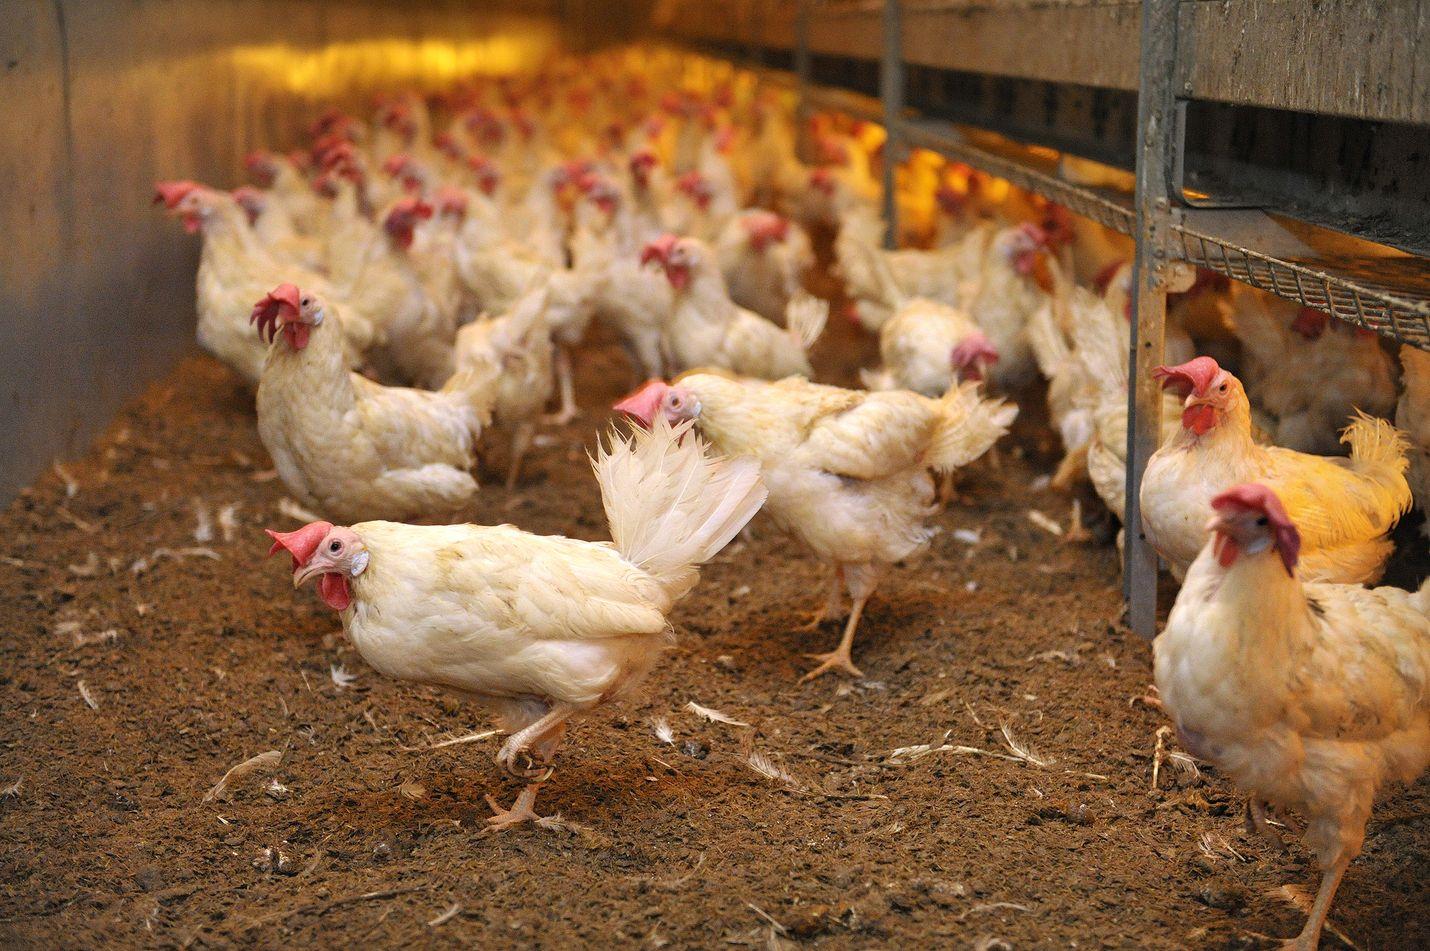 Kananmunien kulutus on viime vuodet kasvanut nopeasti eli kanoja pitääkin olla enemmän ilman, että kyse olisi ylituotannosta. Satamunan kananmunista 60 prosenttia on tuotettu lattiakanaloissa, kertoo toimitusjohtaja Toni Haavisto. Lattiakanaloissa kanat ovat vapaana, ja ne voivat kylpeä pehkussa. Kanoja saa olla enintään yhdeksän neliömetrillä. Kuiviketta on yleensä vähintään kolmasosa pinta-alasta.